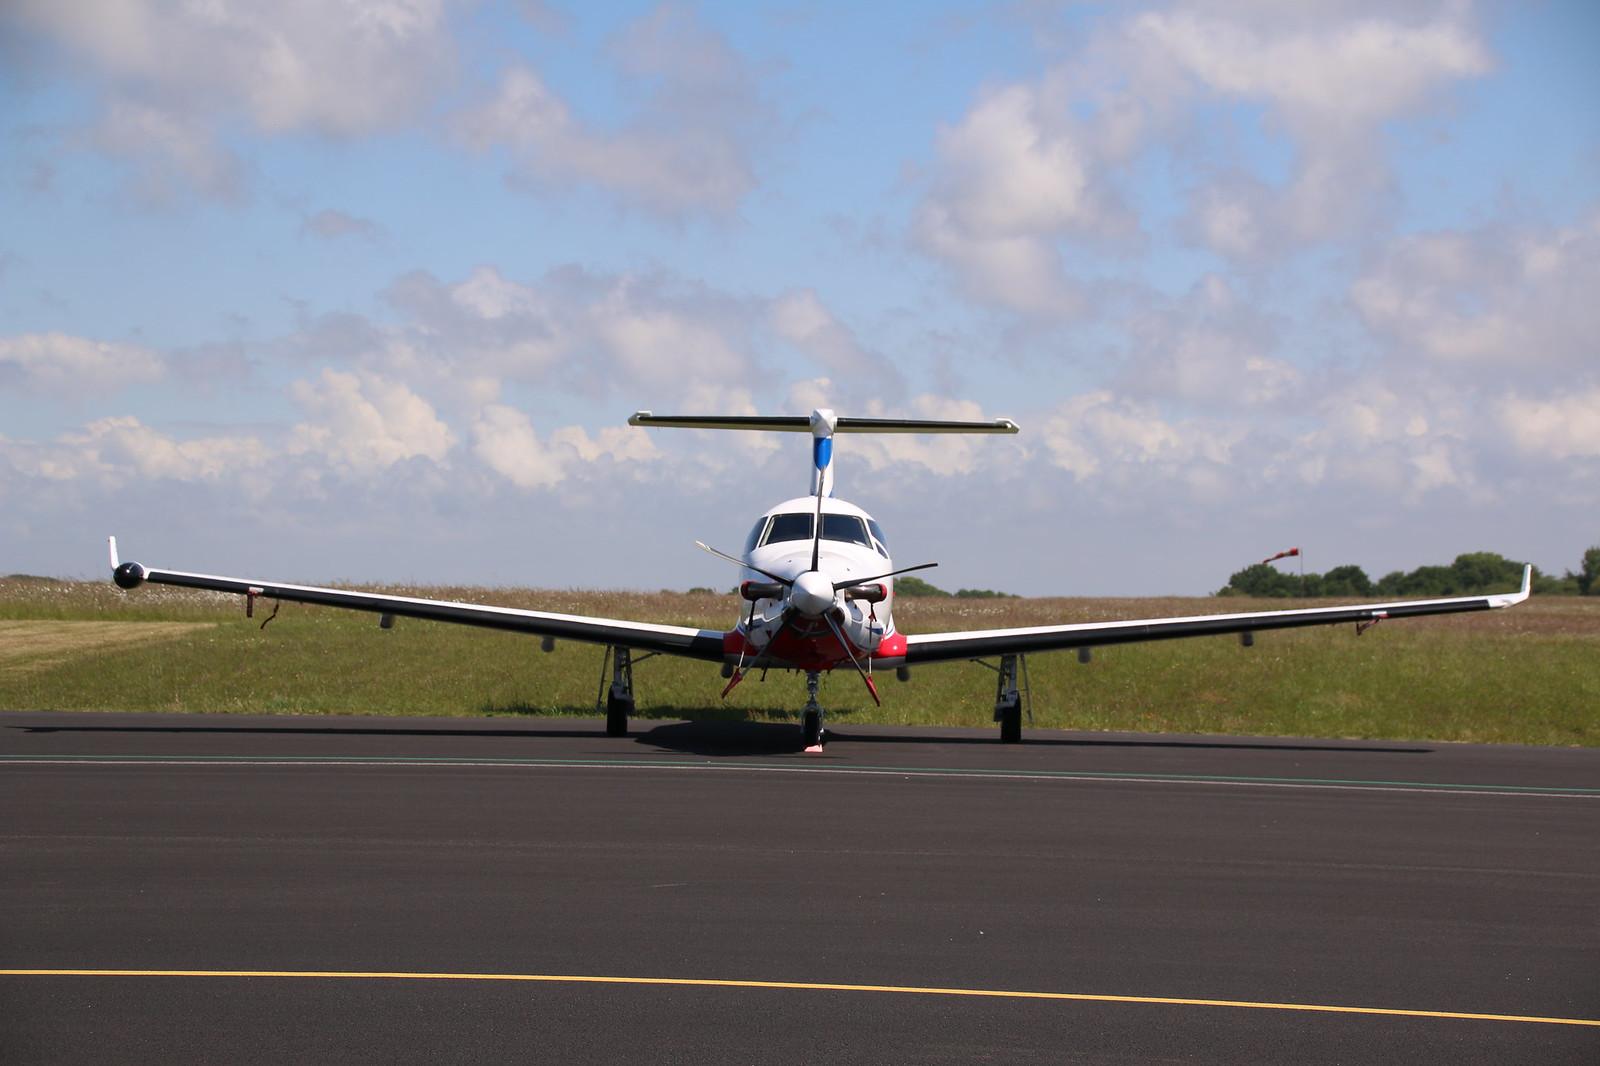 Aérodrome de La Baule Escoublac - Page 3 34631134462_a69cbda35a_h